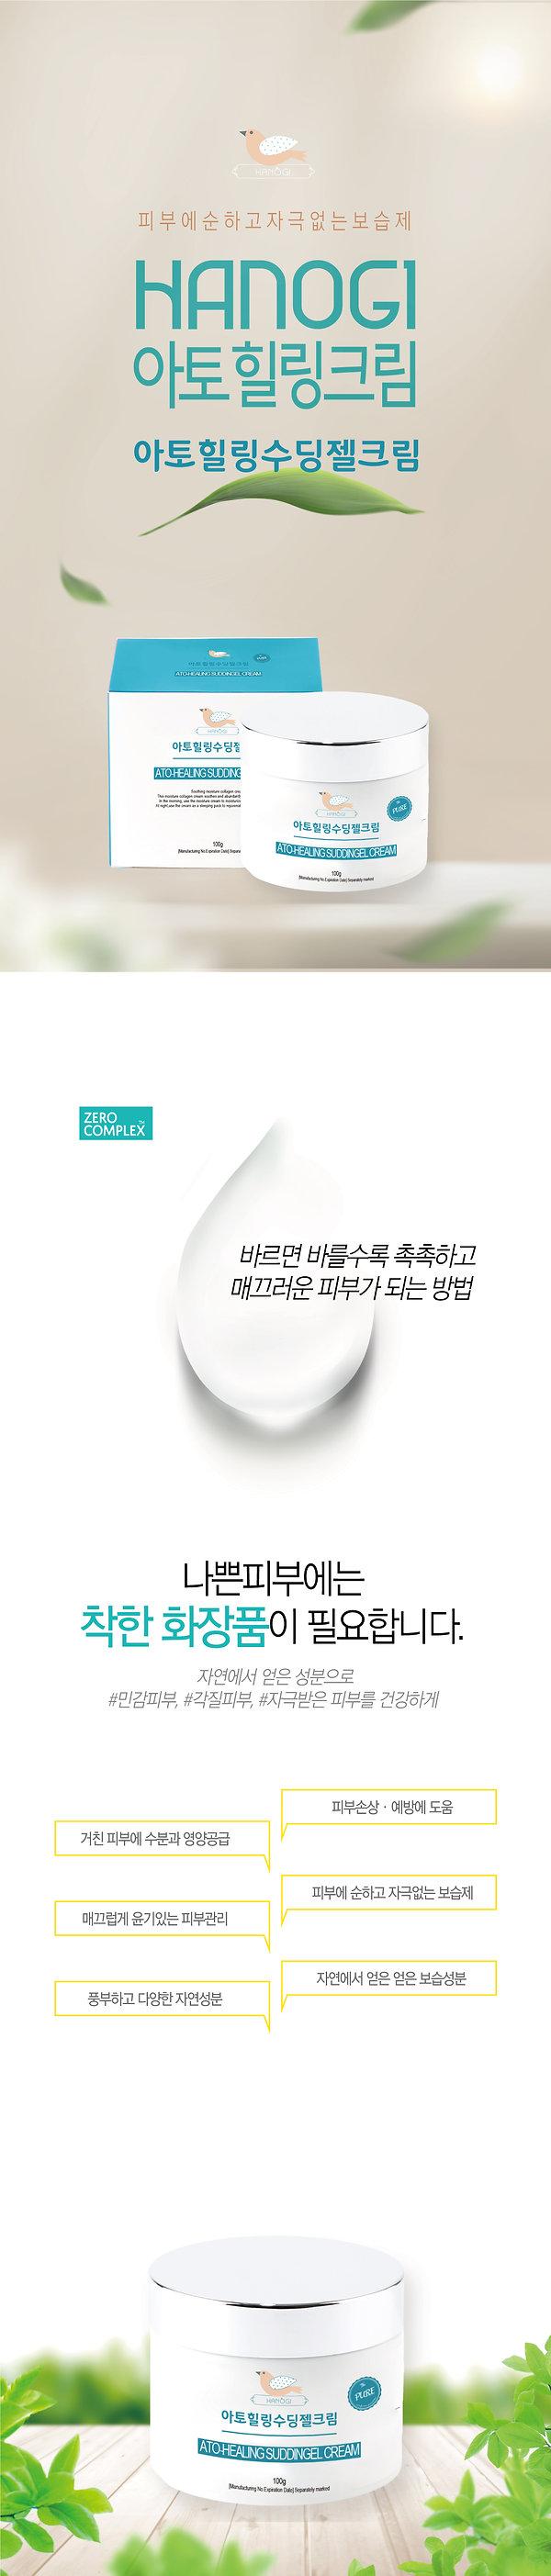 하노기수딩상페.jpg